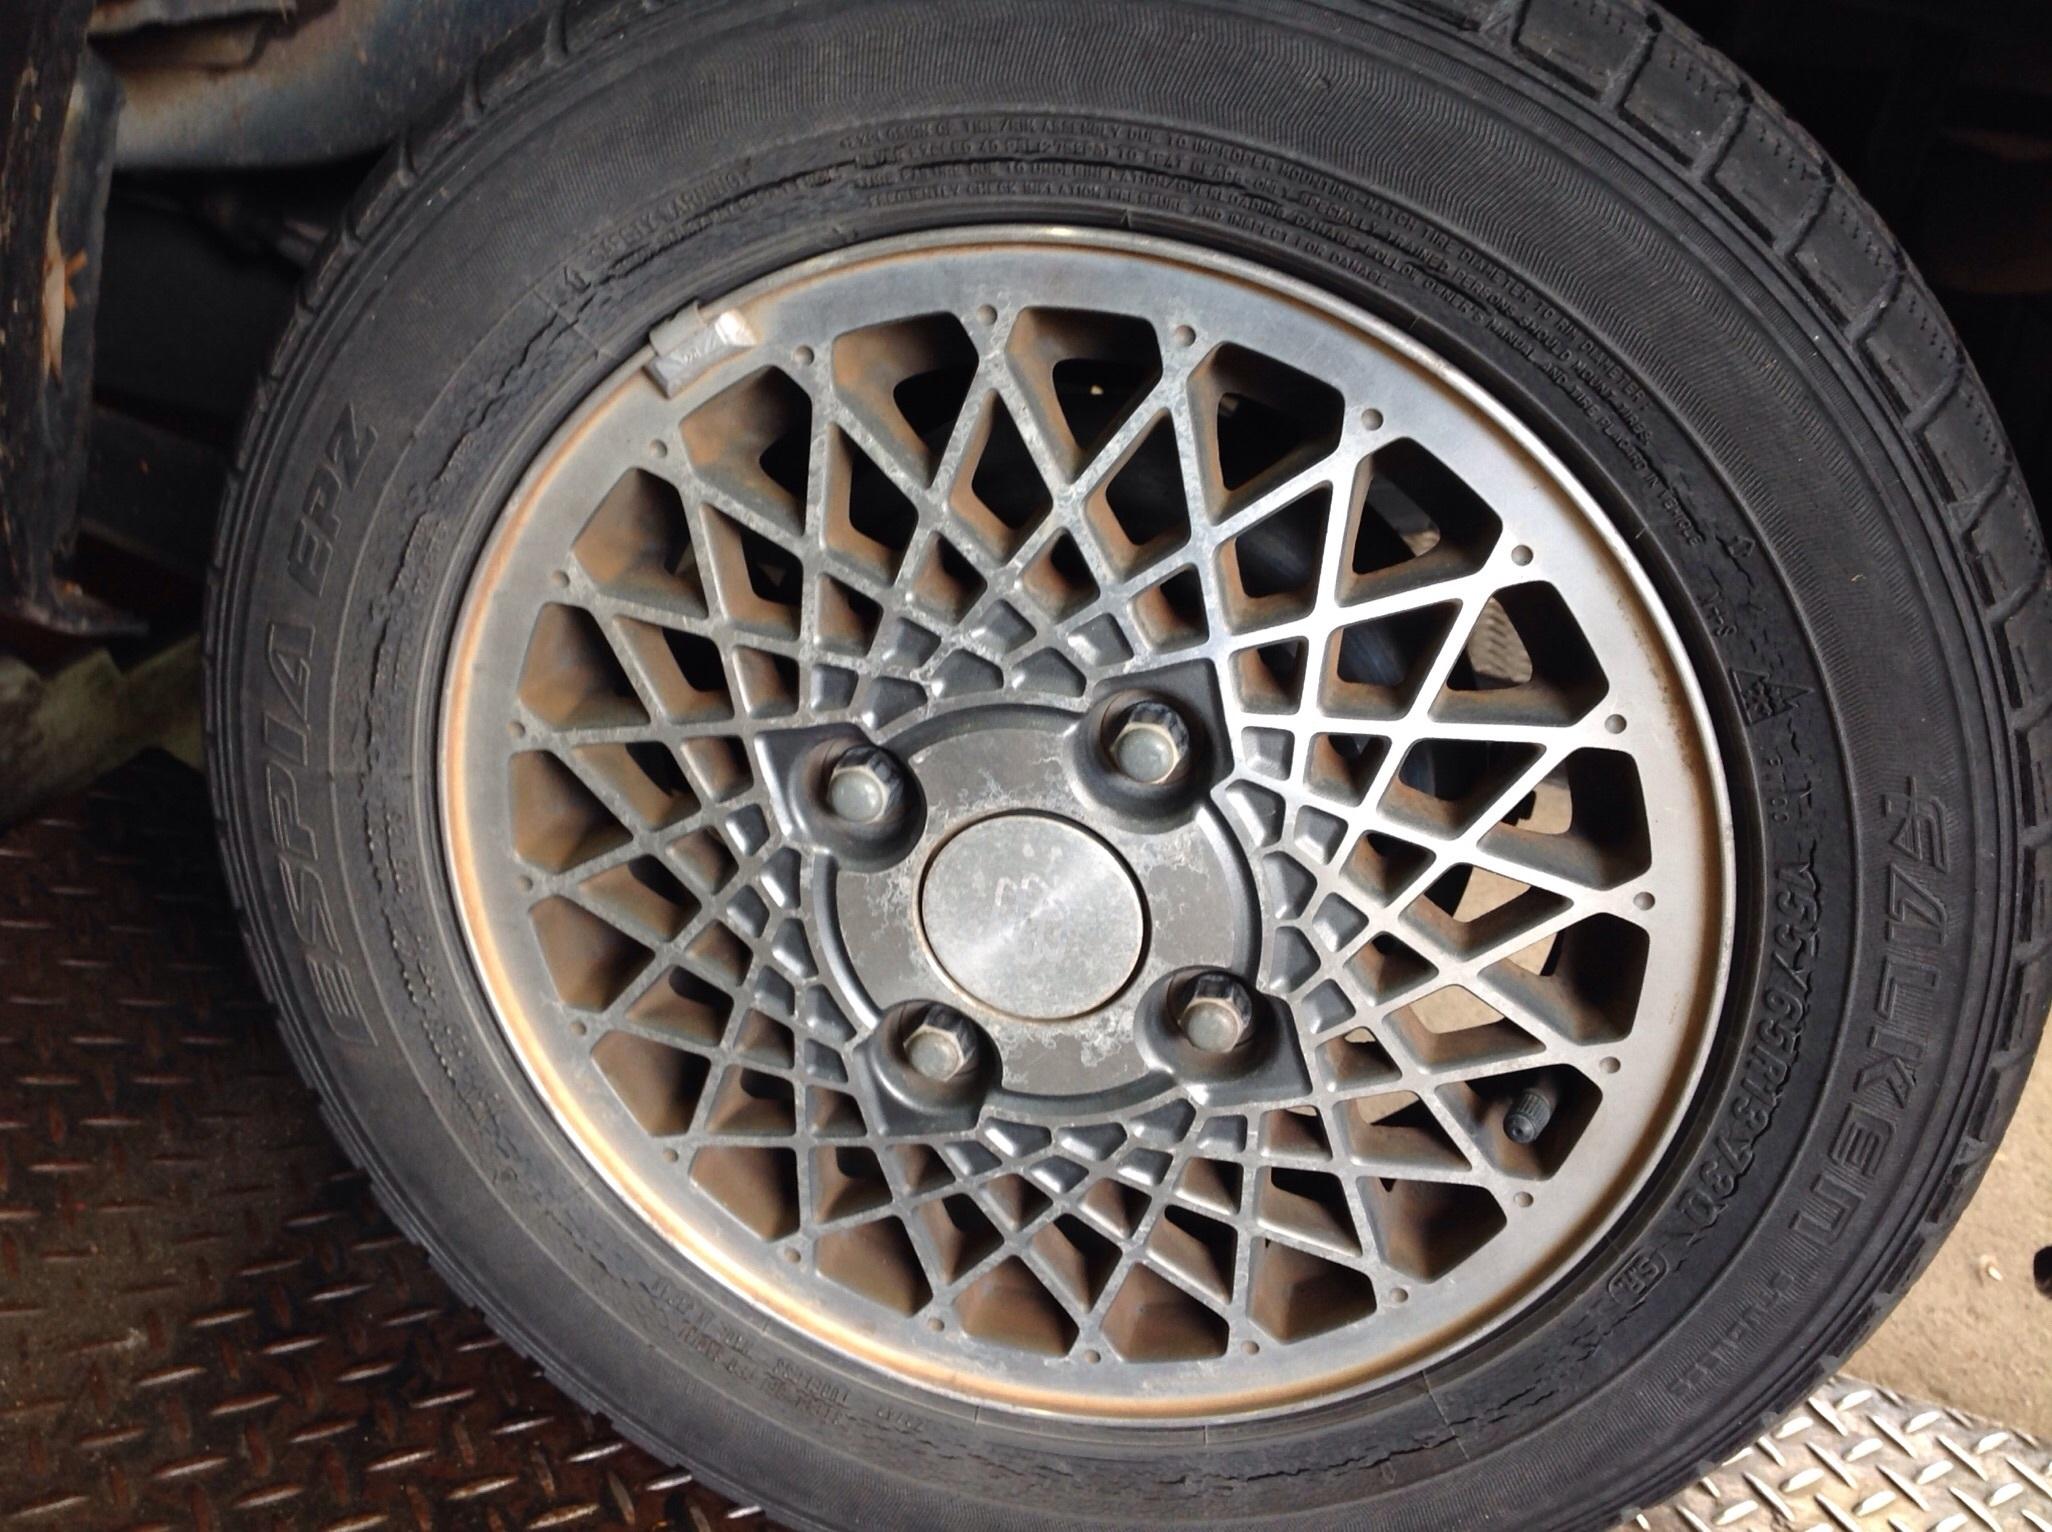 スタットレスタイヤが装着されていました。